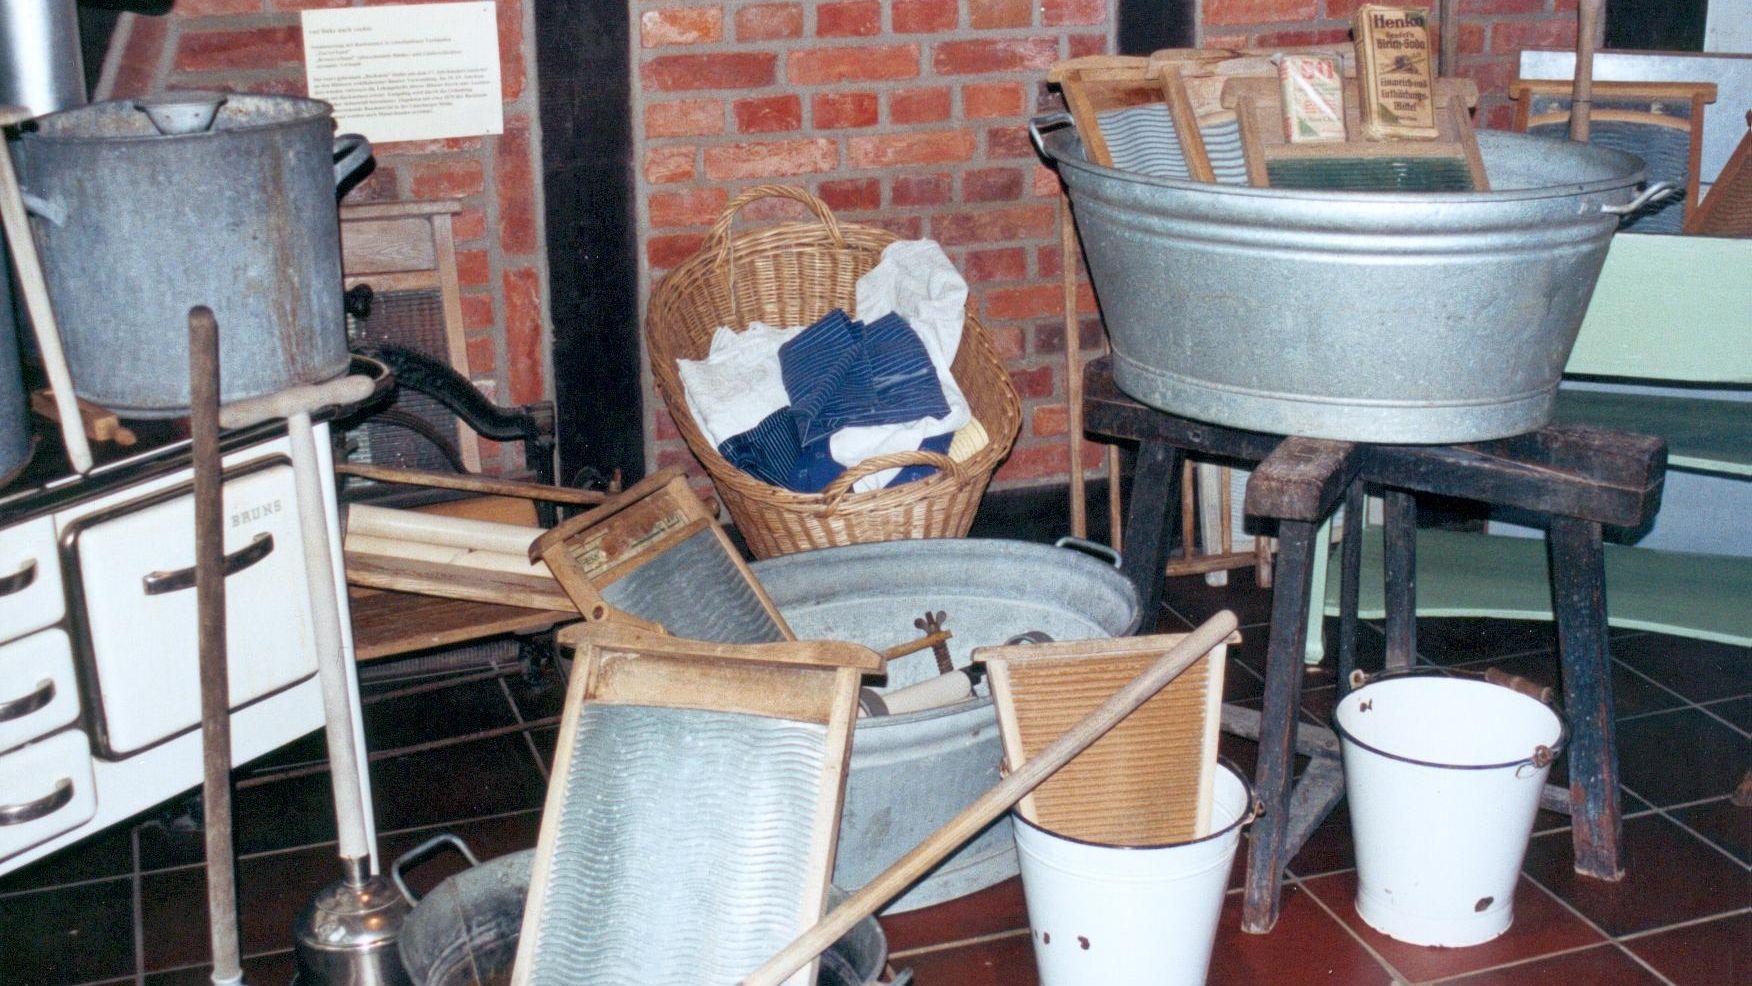 heimatmuseum-hermannsburg-waeschewanne-a